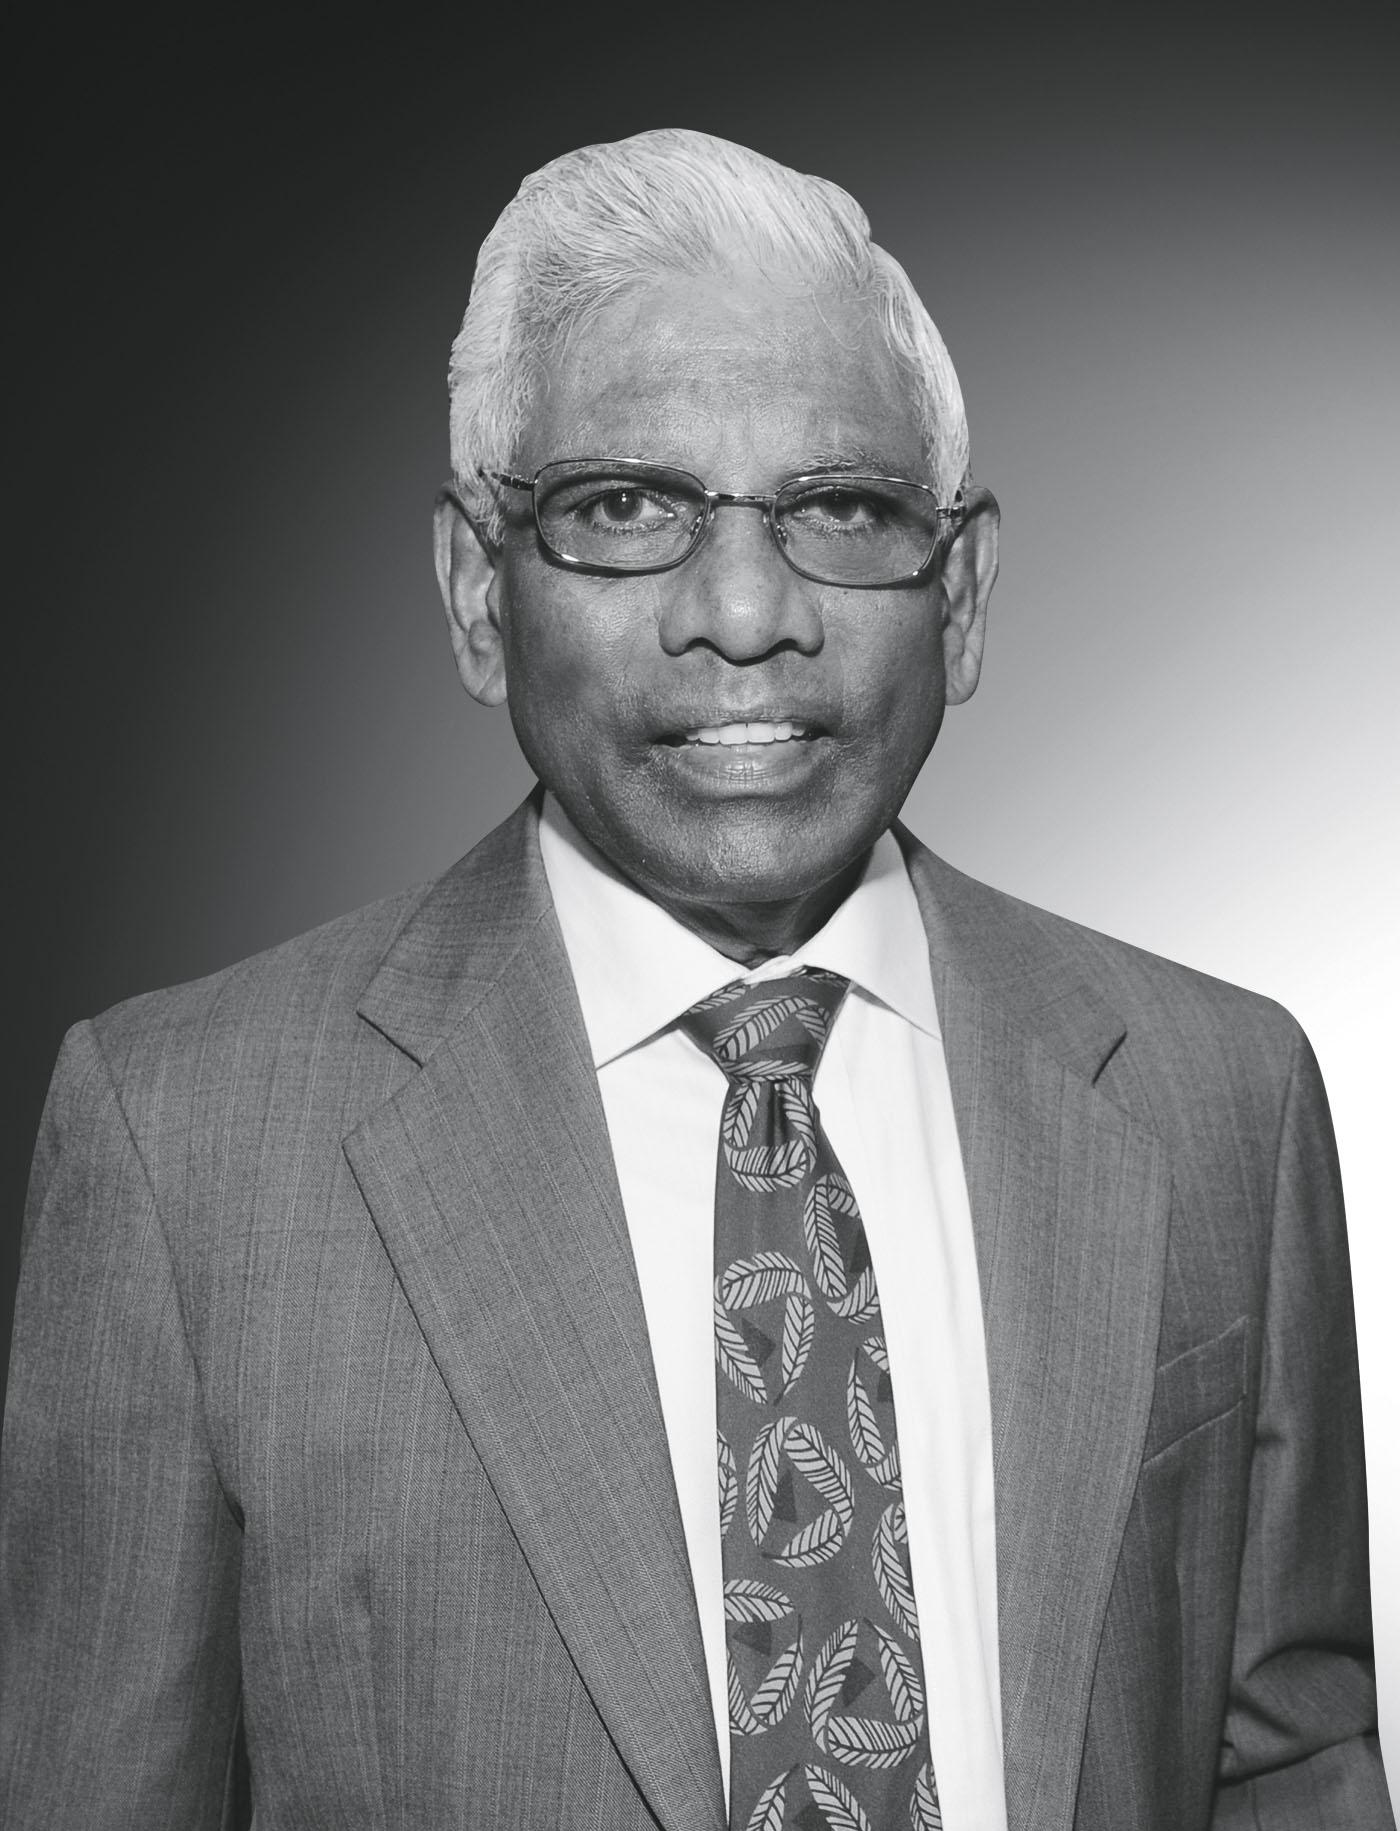 S Dhanabalan